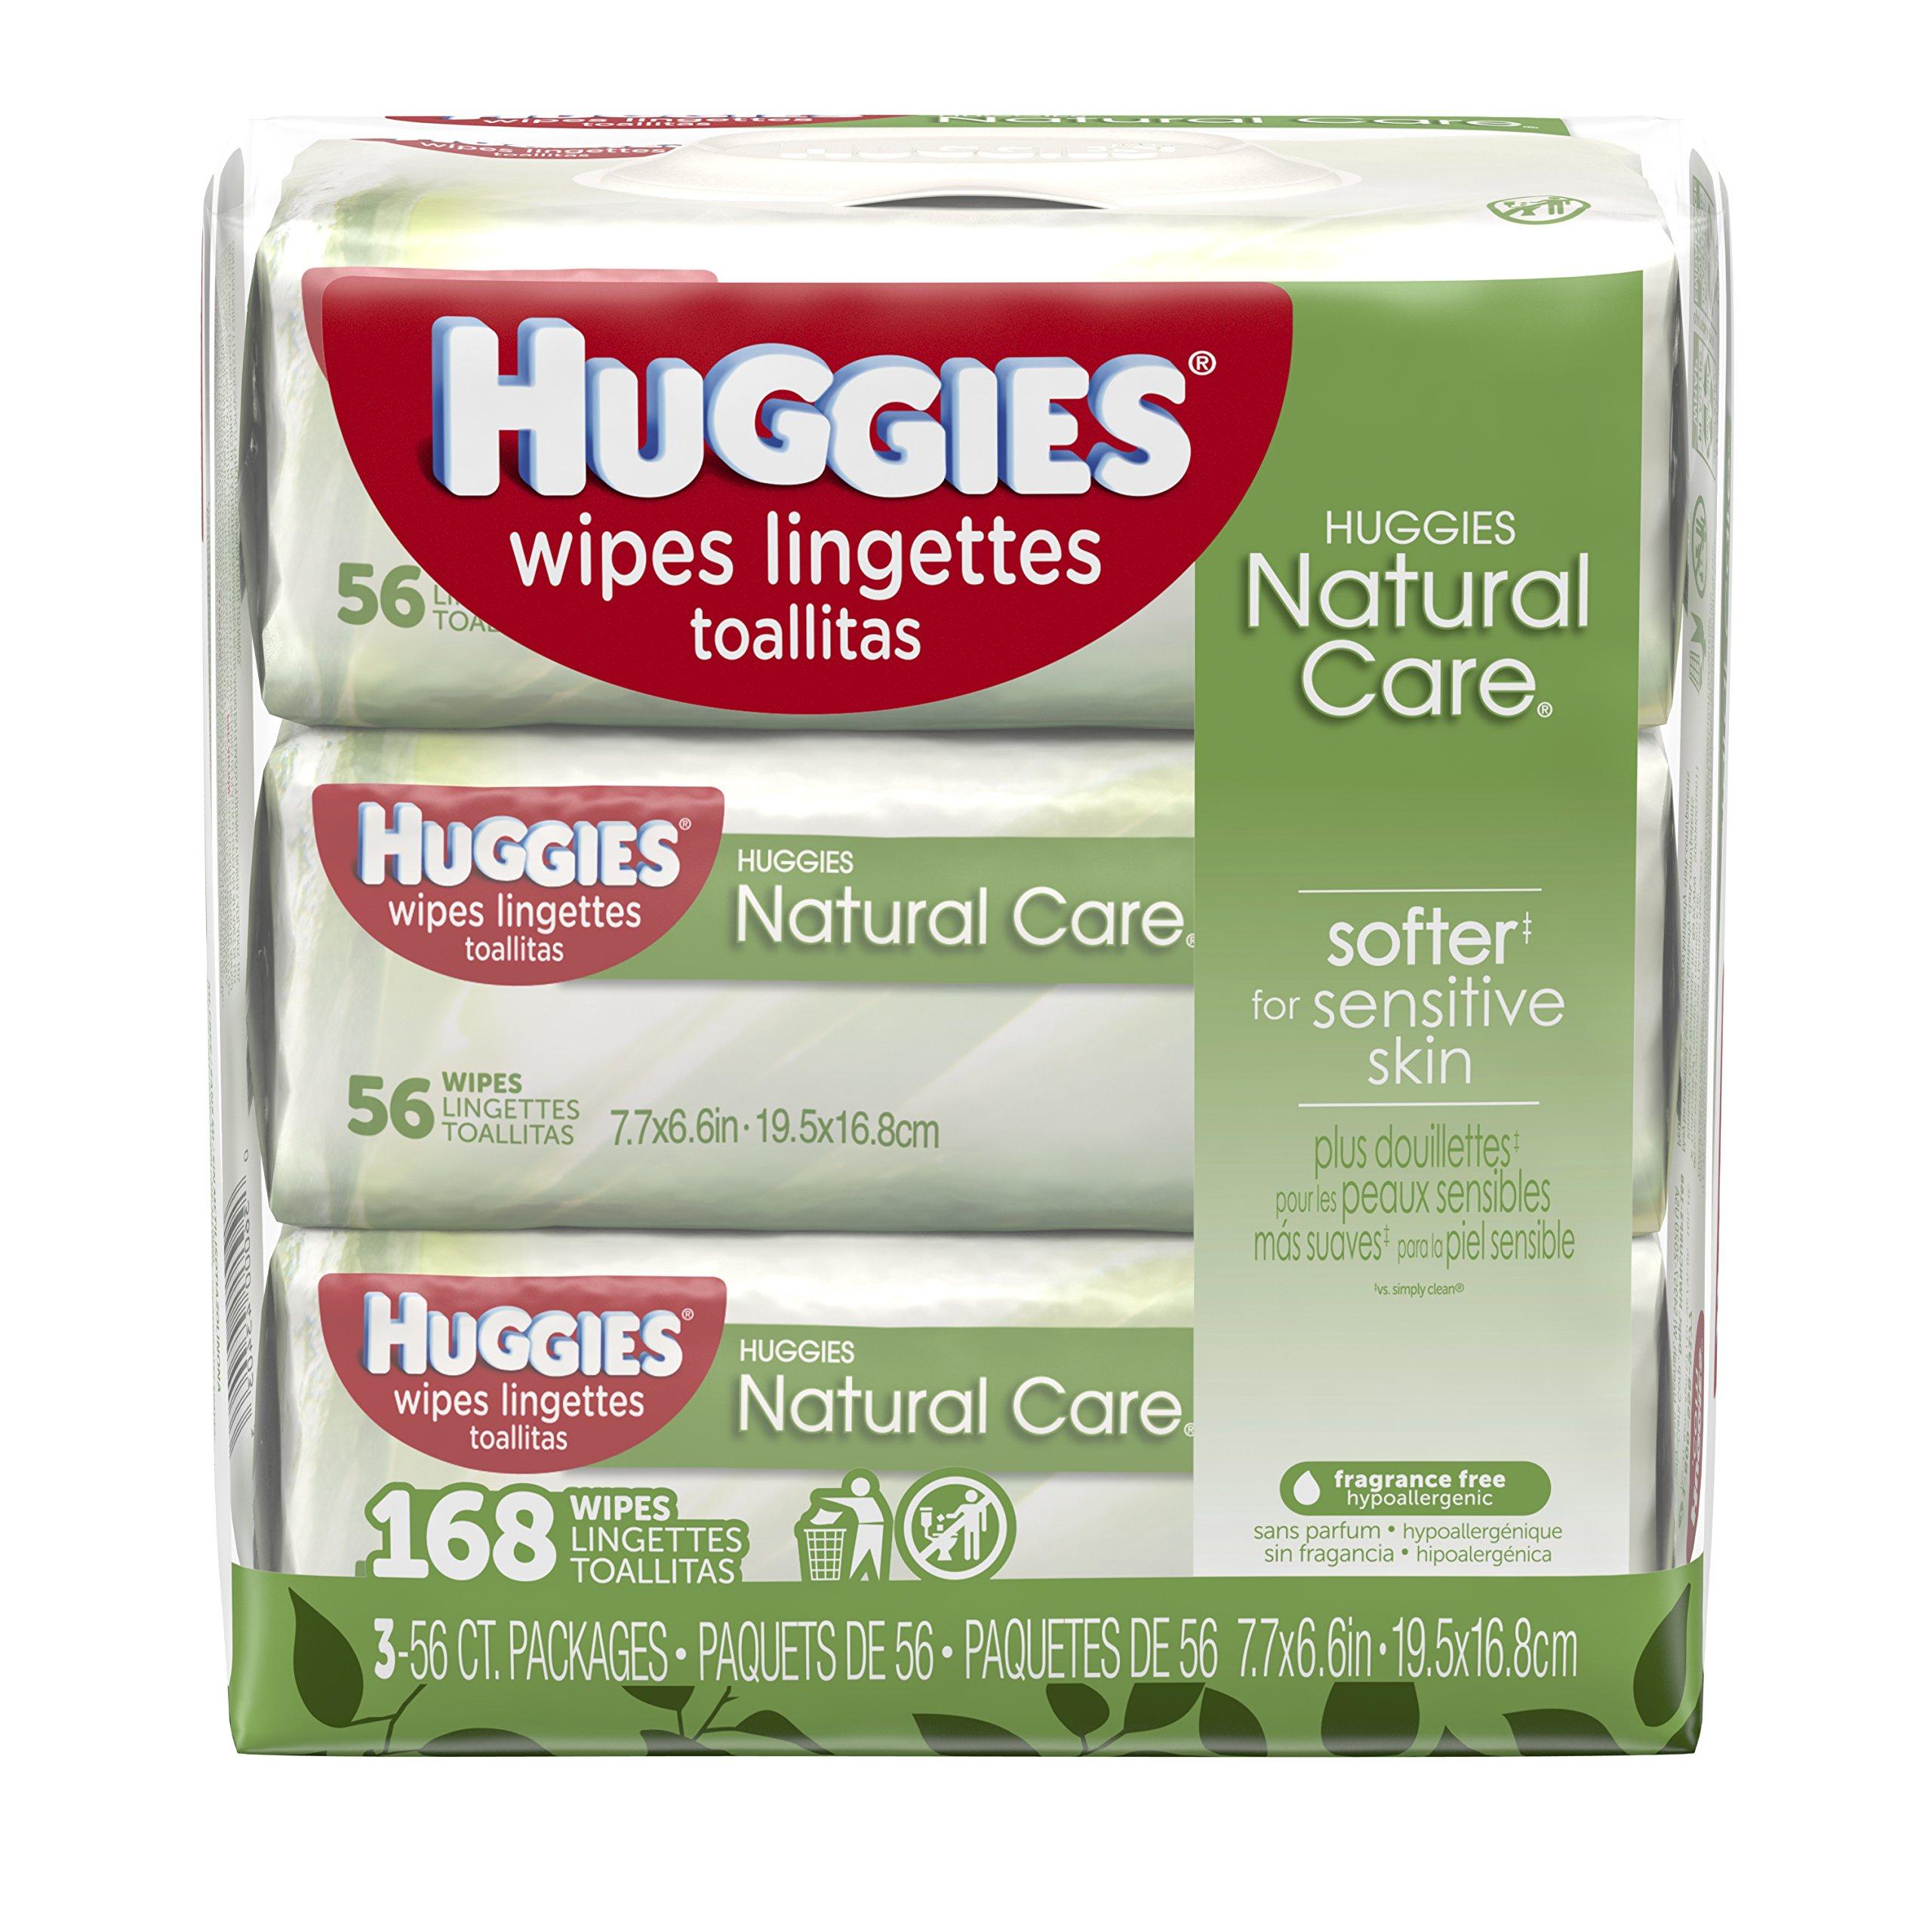 Huggies Wipes Natural Care